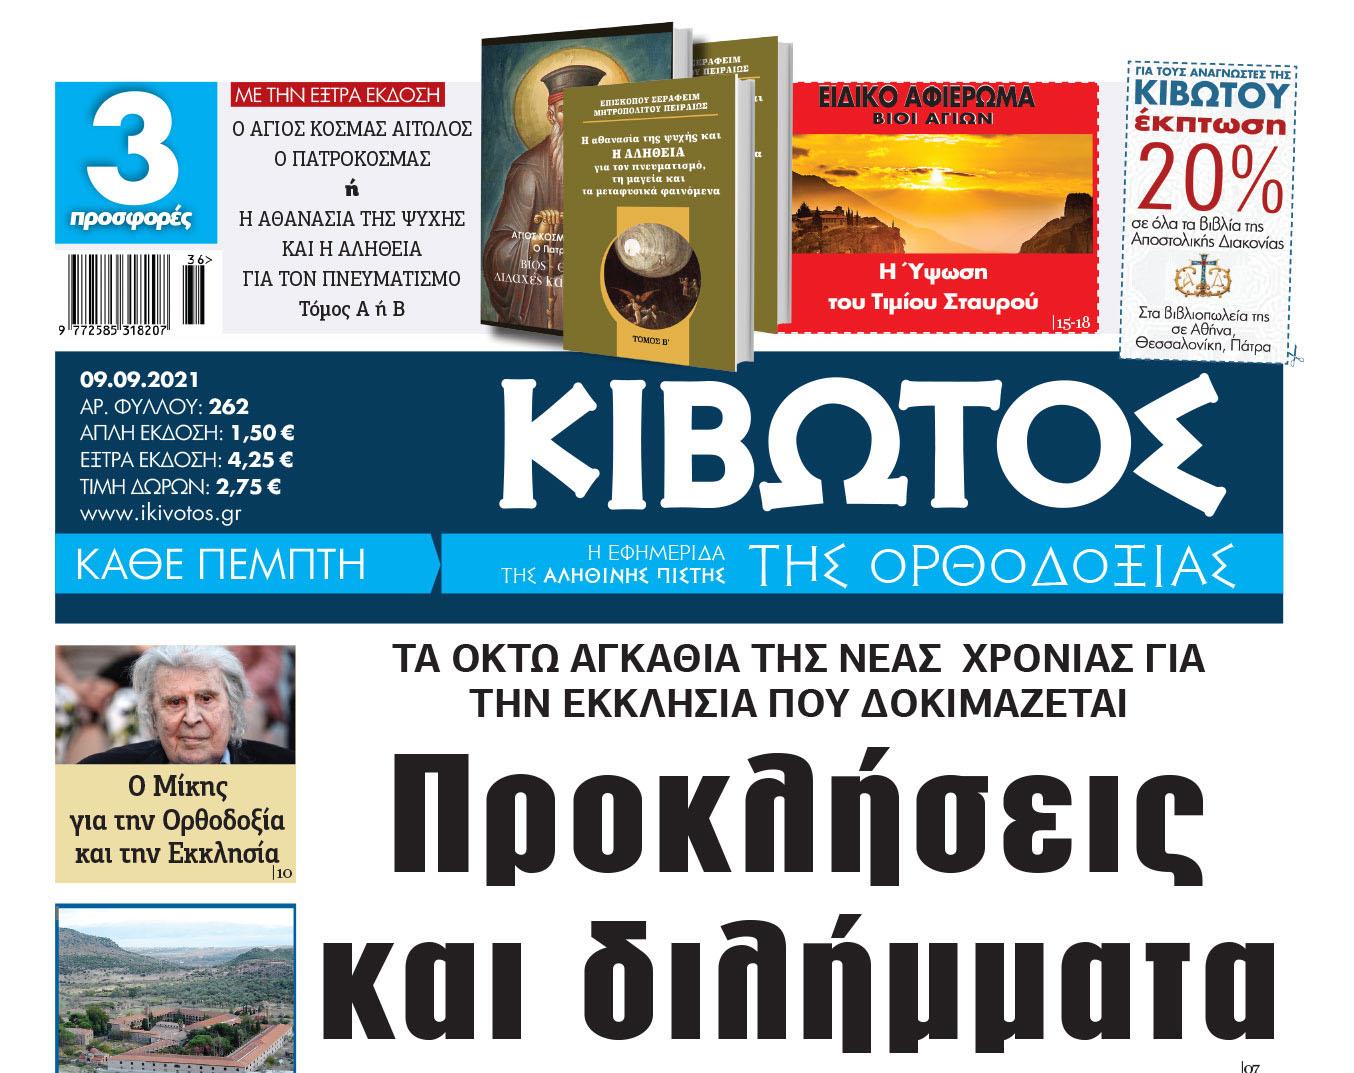 Κιβωτός της Ορθοδοξίας: Την Πέμπτη 9 Σεπτεμβρίου το νέο φύλλο της εφημερίδας